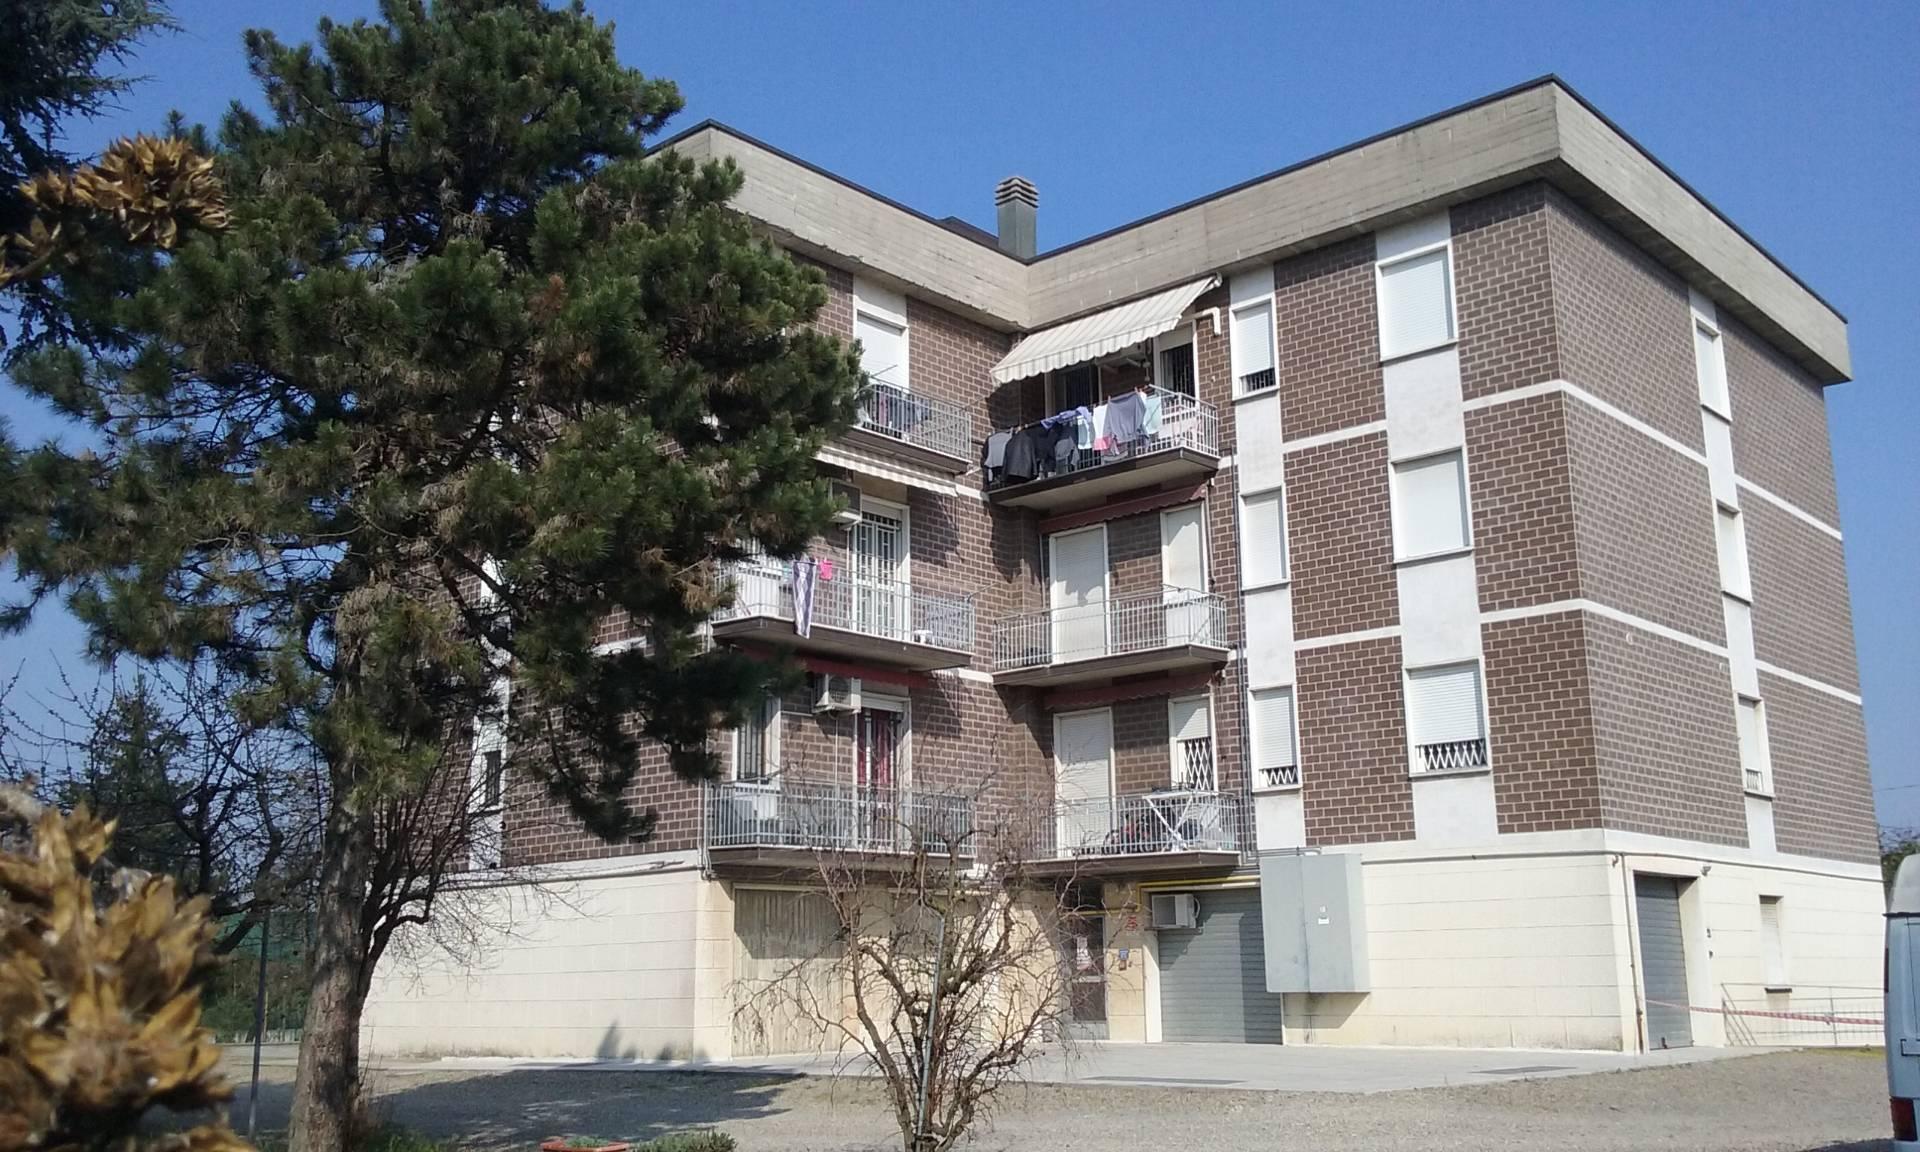 Appartamento in vendita a Sala Bolognese, 4 locali, zona Località: OsteriaNuova, prezzo € 110.000 | Cambio Casa.it